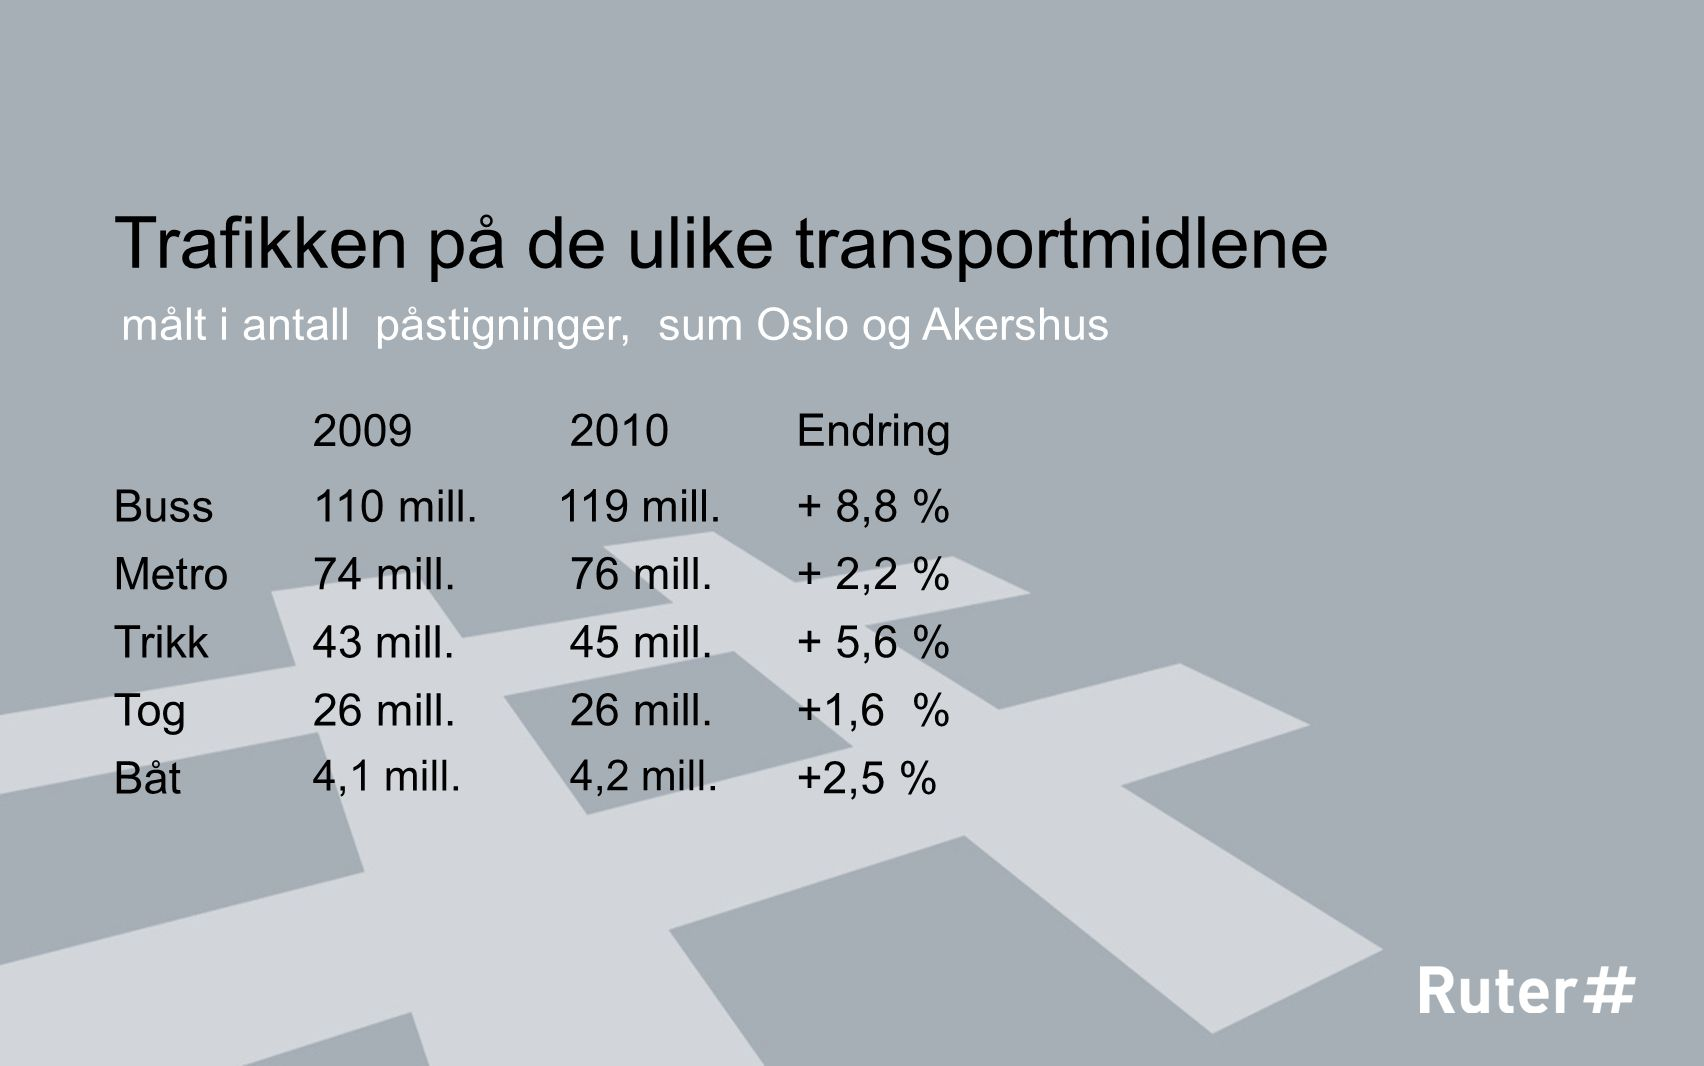 Kollektivtrafikk/biltrafikk/befolkningsvekst